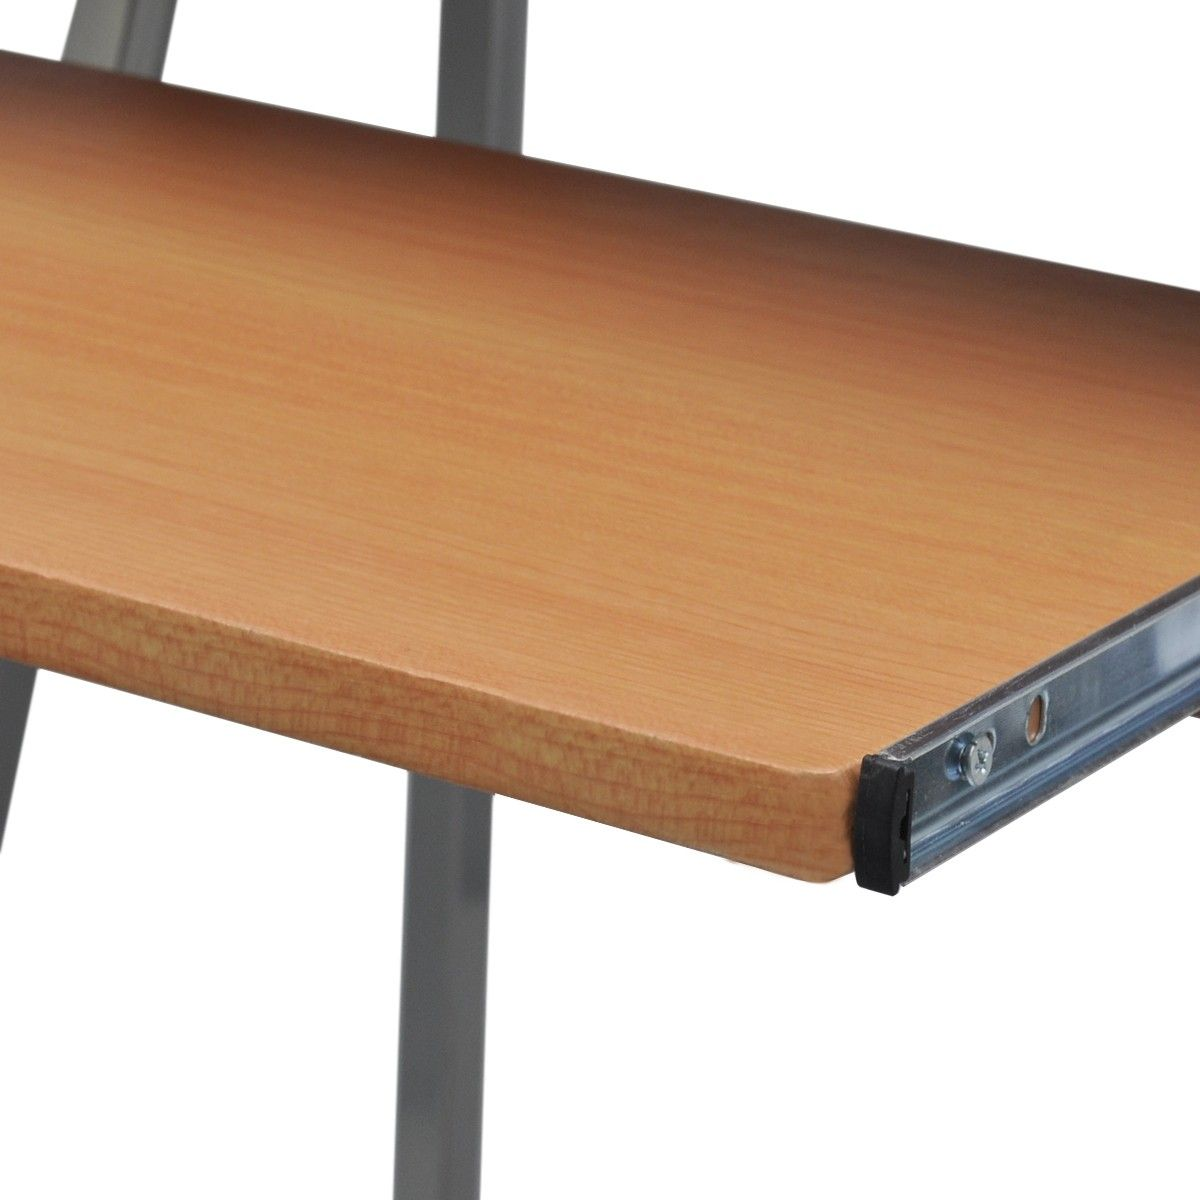 Databord med Skyvebrett for Tastatur Brun (20064)   FINN.no